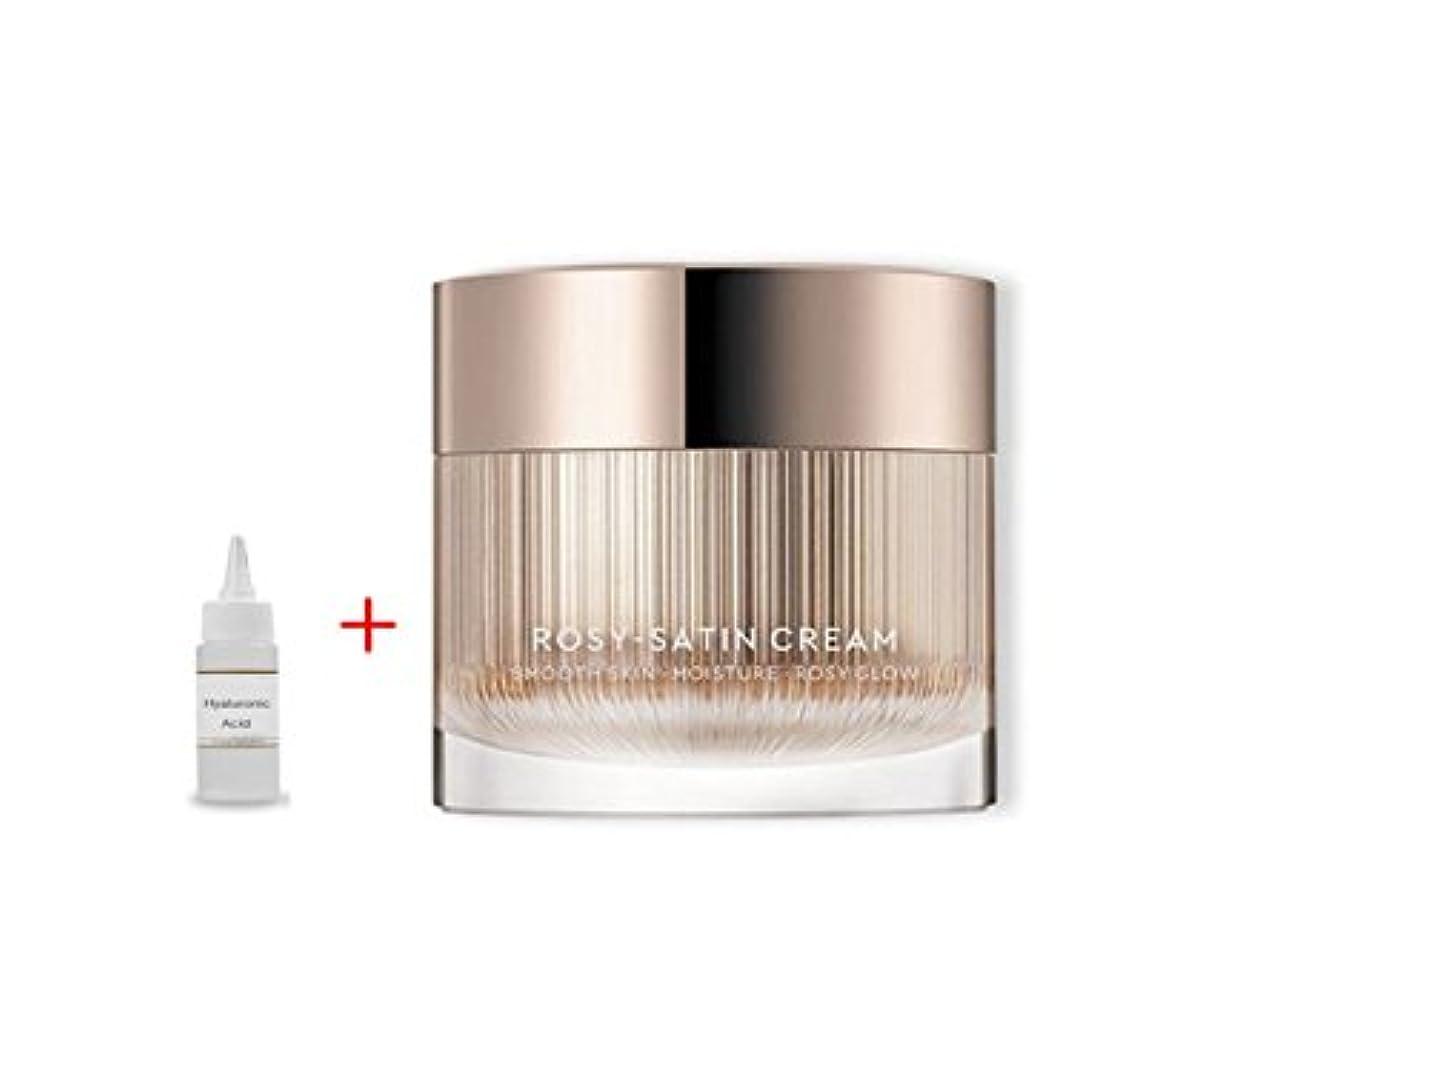 楽しませる熱心浸すHERA New Rosy Satin Cream 50ml:Smooth Skin Moisture Rosy Glow 滑らかな肌の保湿化粧水 + Ochloo Hyaluronic Acid 20ml [並行輸入品]